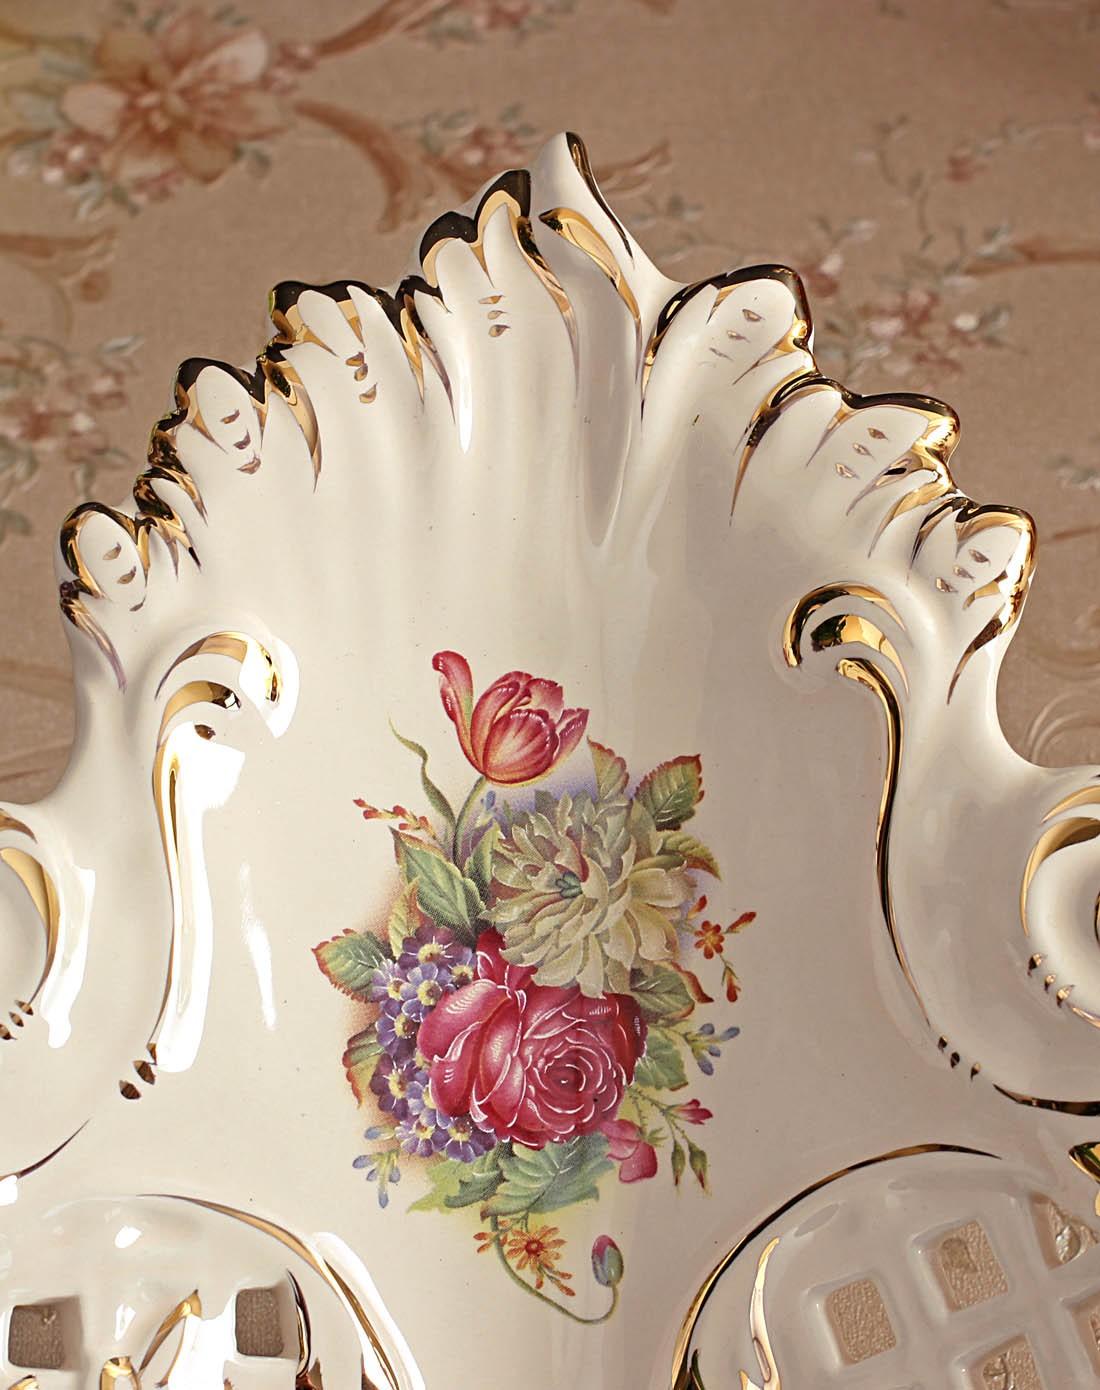 朵兰舍doolans家居专欧式陶瓷描金奢华果盘jda460图片